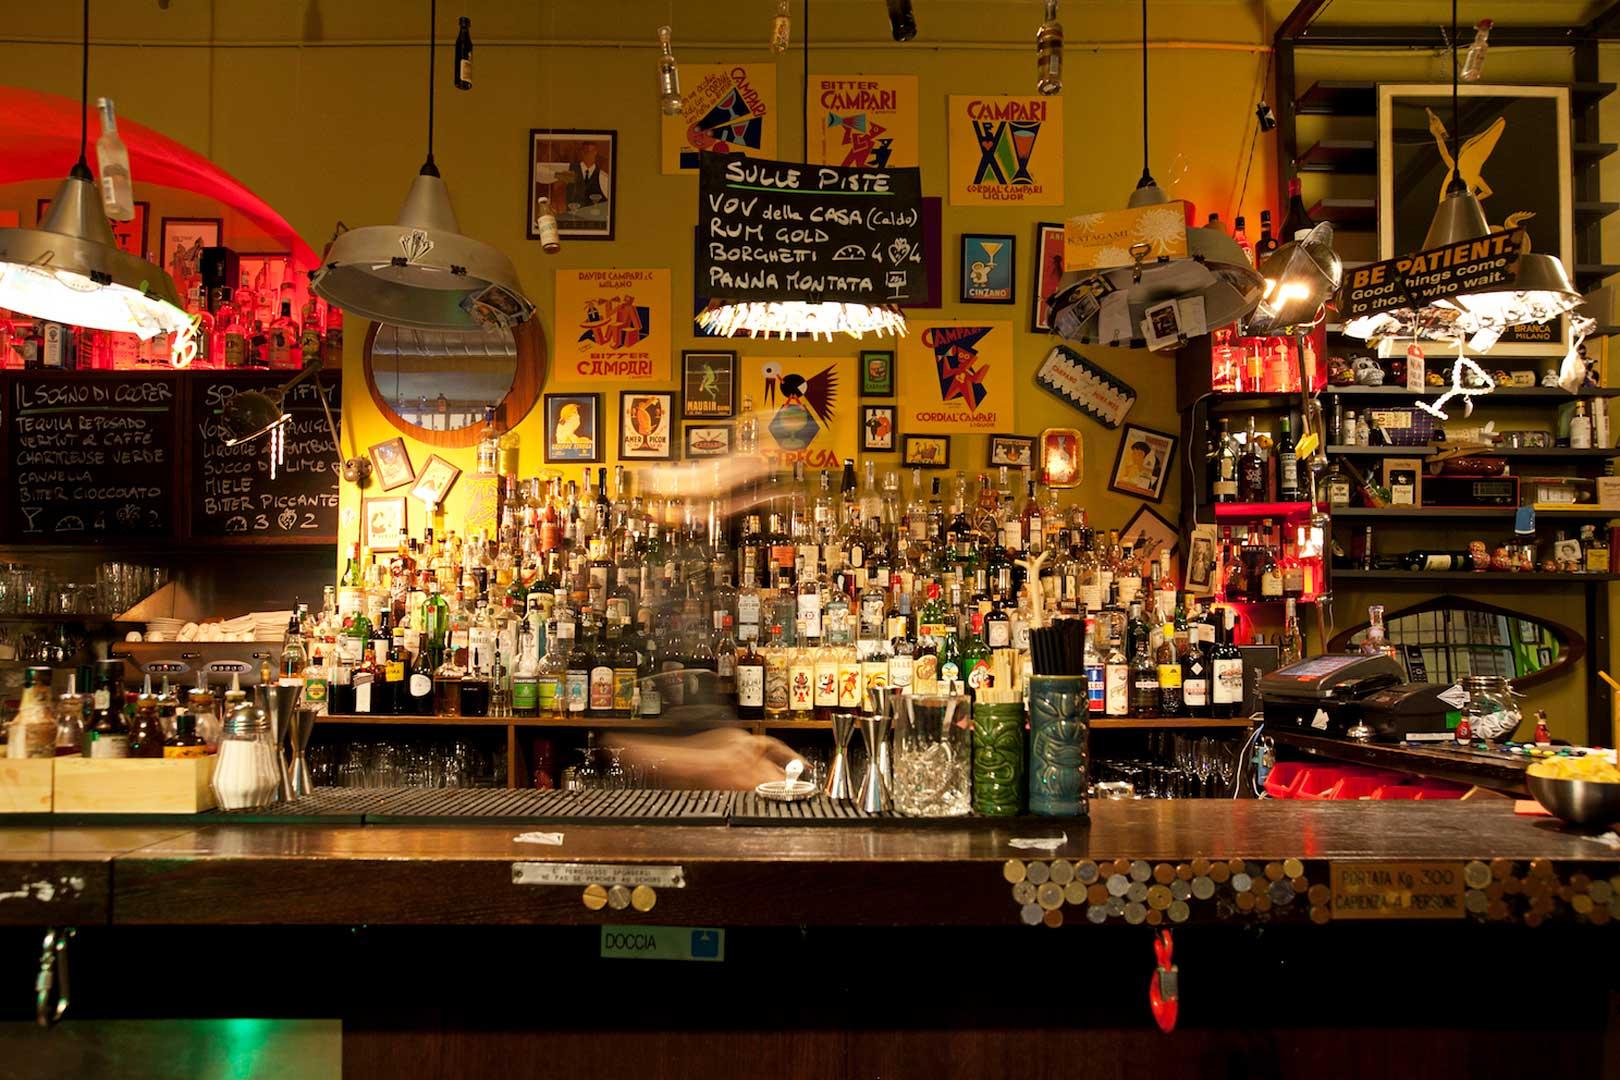 I migliori cocktail bar a tema di Milano - Lacerba Quisibeve